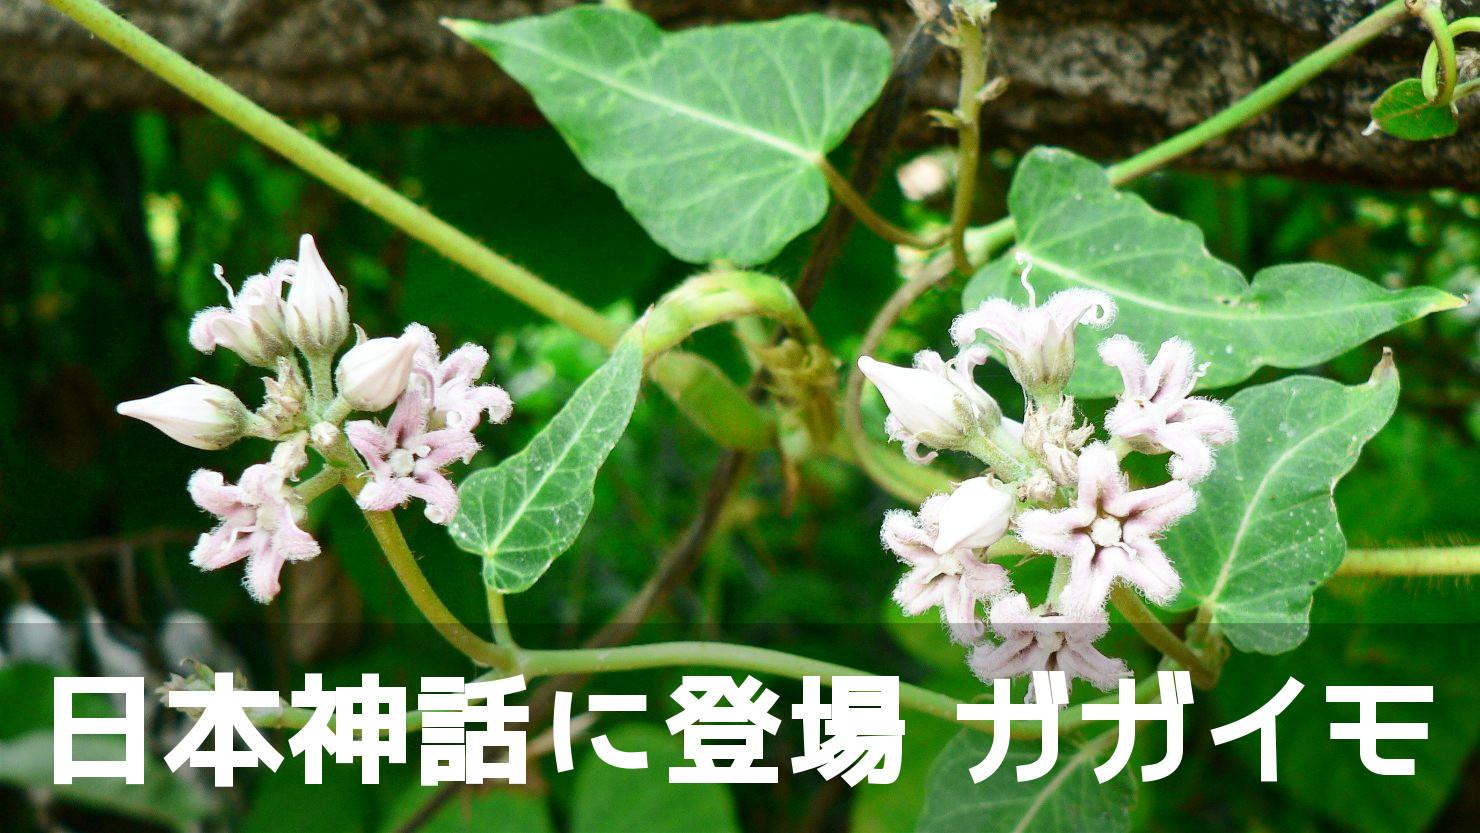 神話に実が登場するお花ですが、あんまり知られていない「ガガイモ」